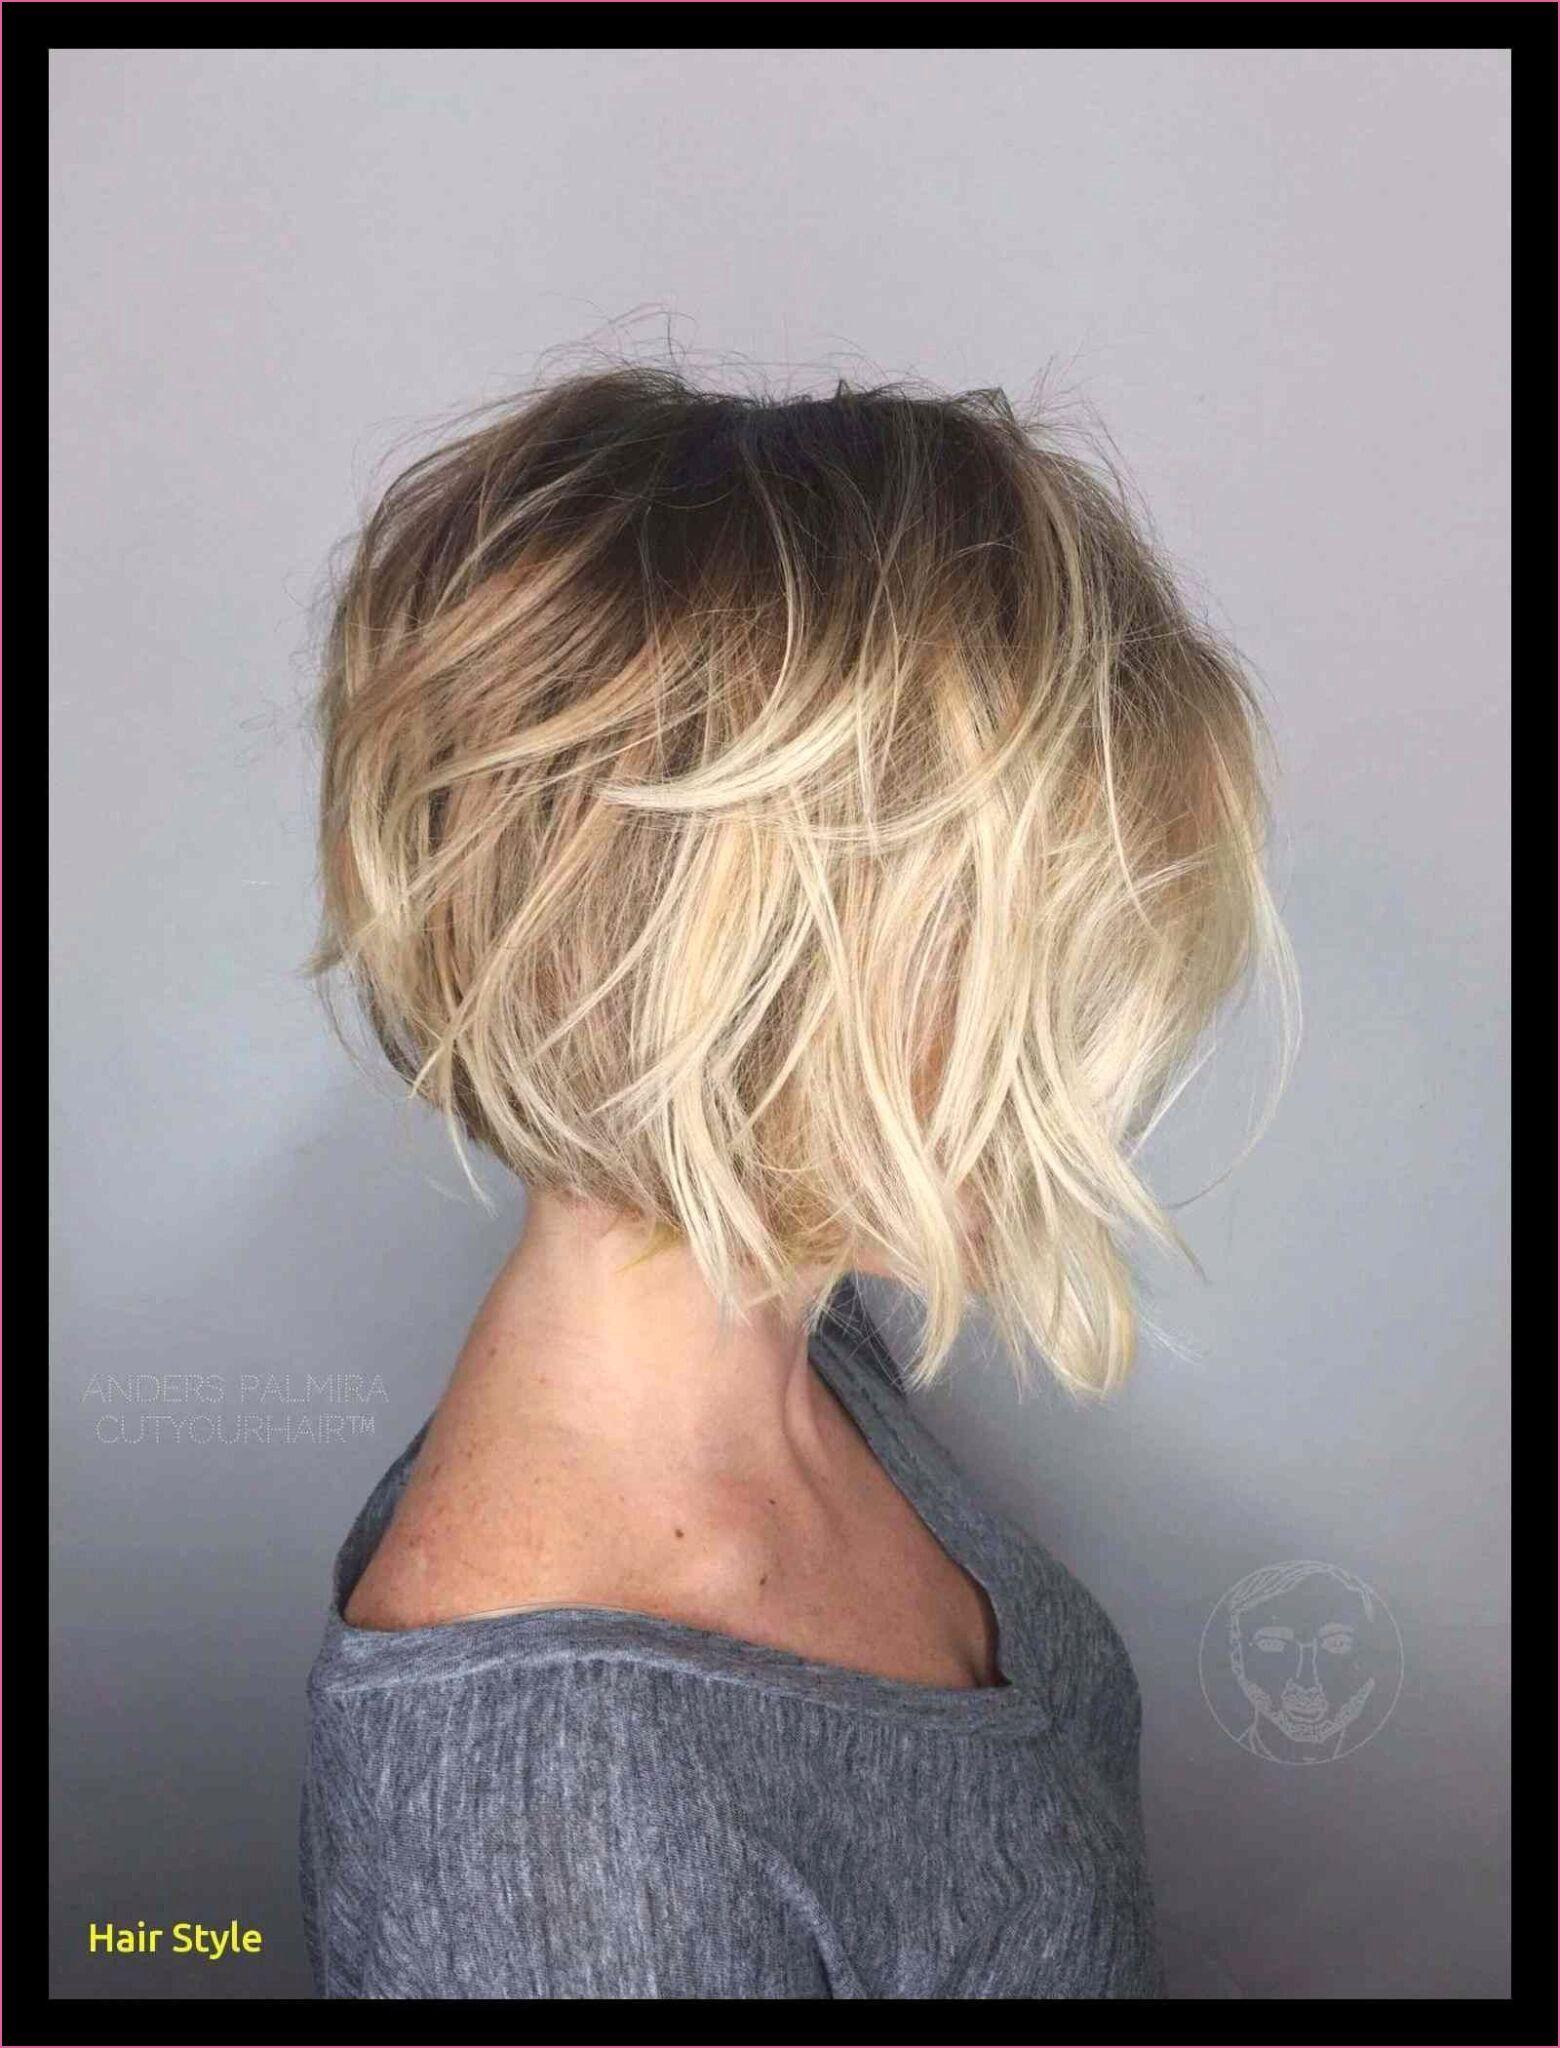 Frisuren Kurz Stufig In 2020 Haarschnitt Kurz Coole Frisuren Haarschnitt